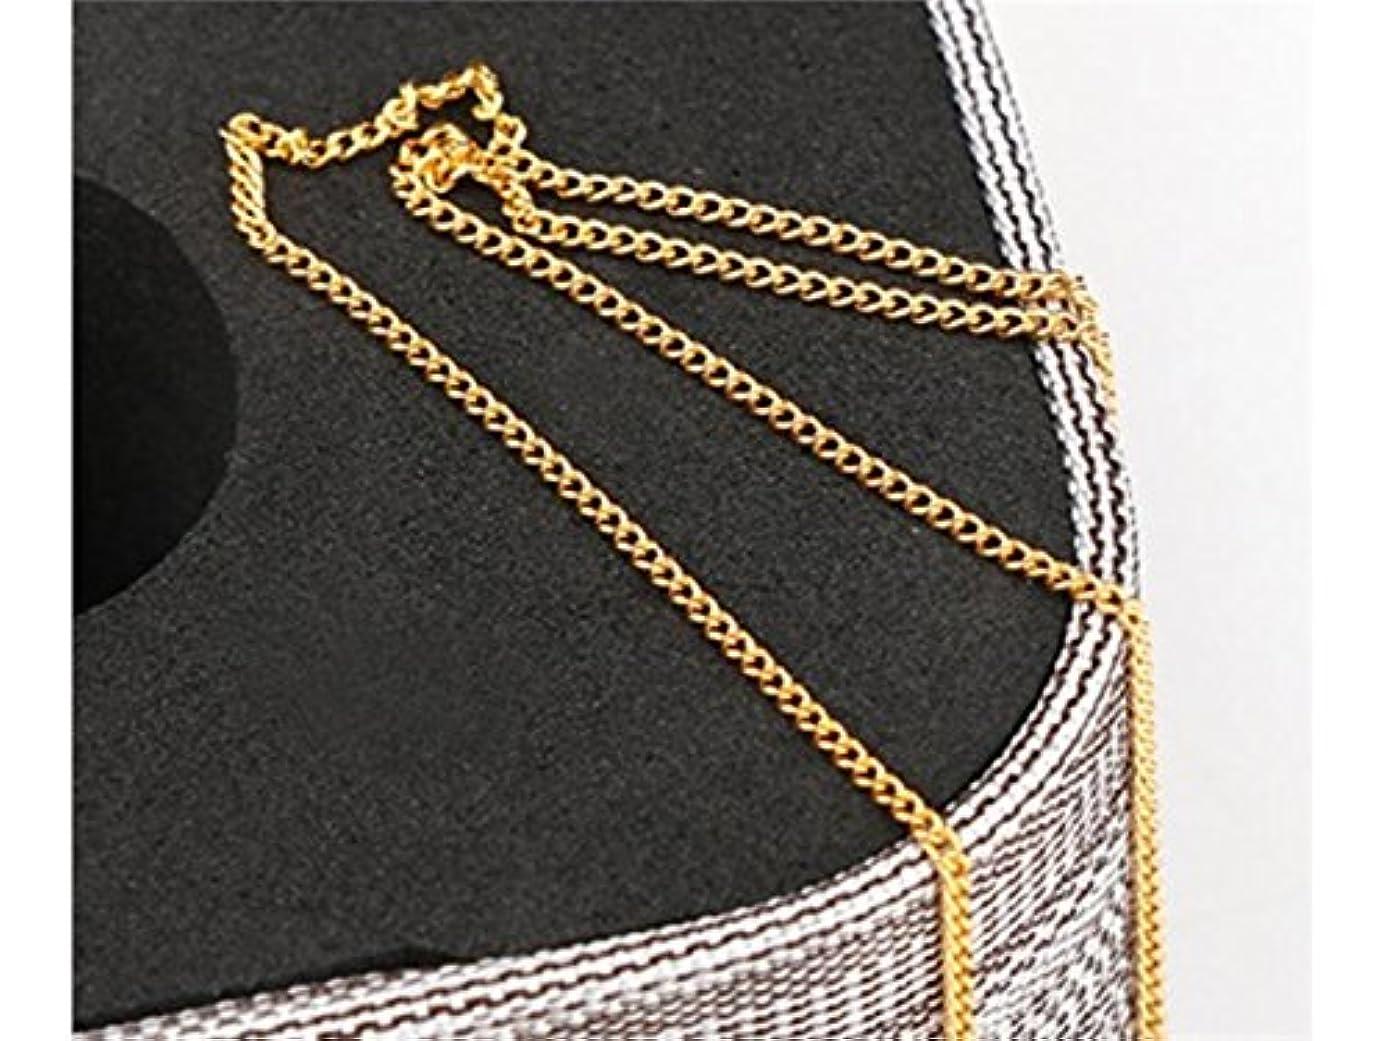 バリケード定義するとてもOsize キラキラ合金ビーズボールラインチェーンネイルアートチェーンDIYの装飾(シルバーバックルチェーン) (色 : Golden, サイズ : 长20cm)